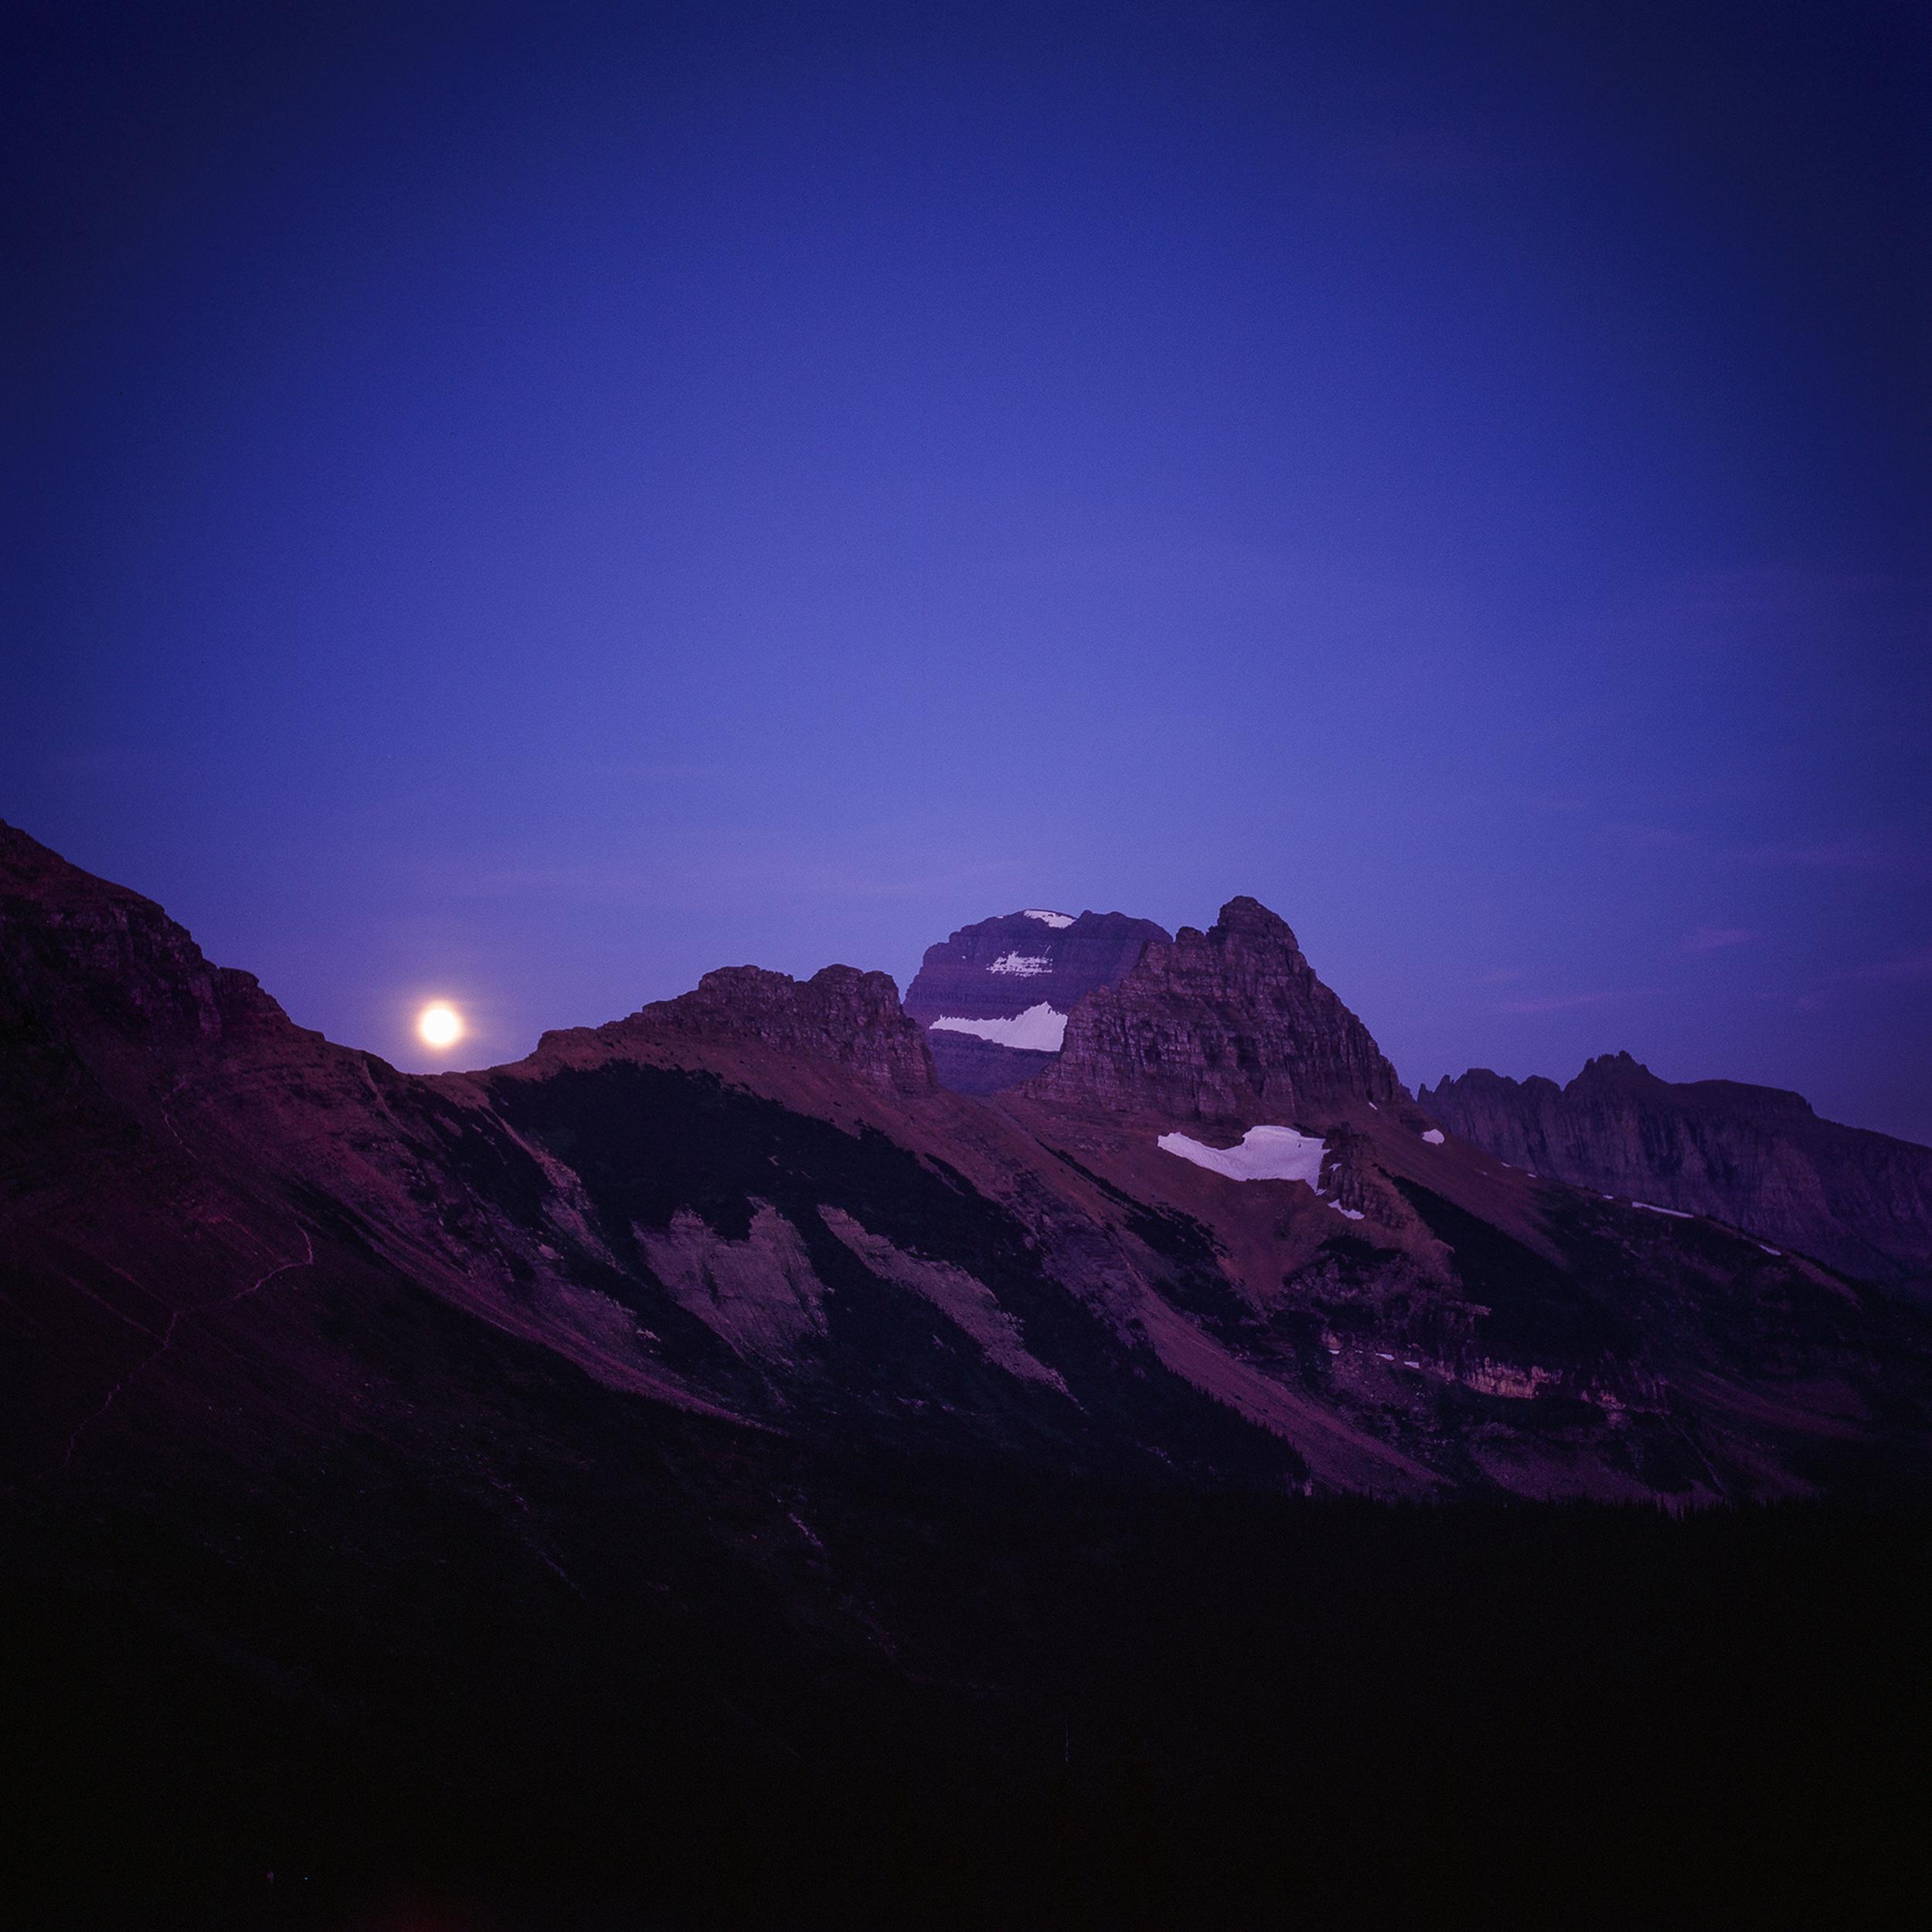 moonrise over bear valley.jpg